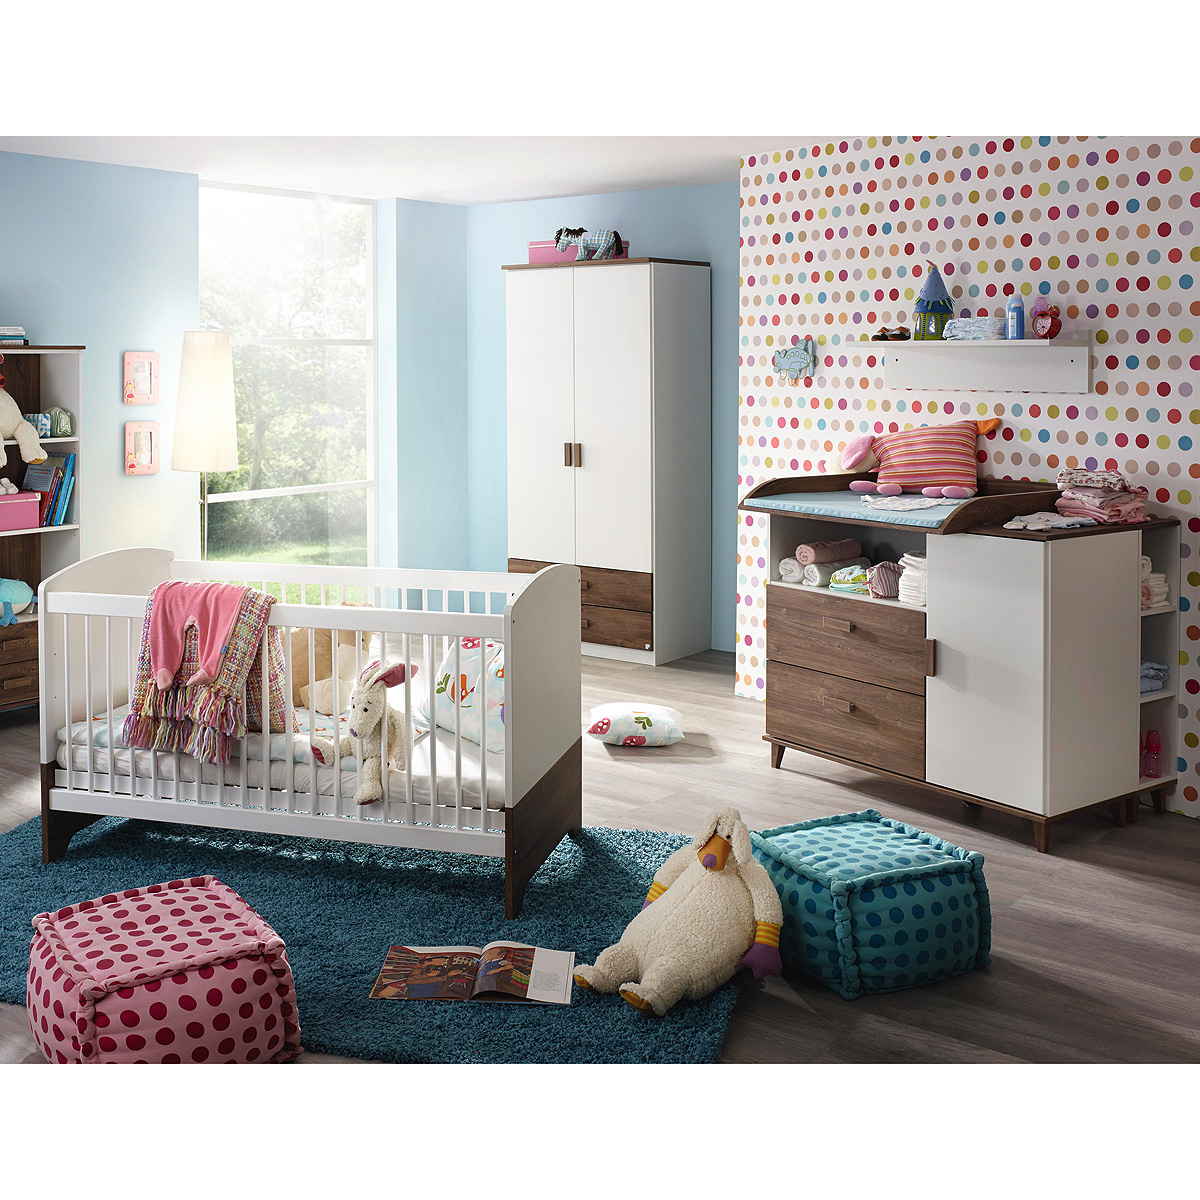 babyzimmer susann kinderzimmer schrank bett wickelkommode weiß